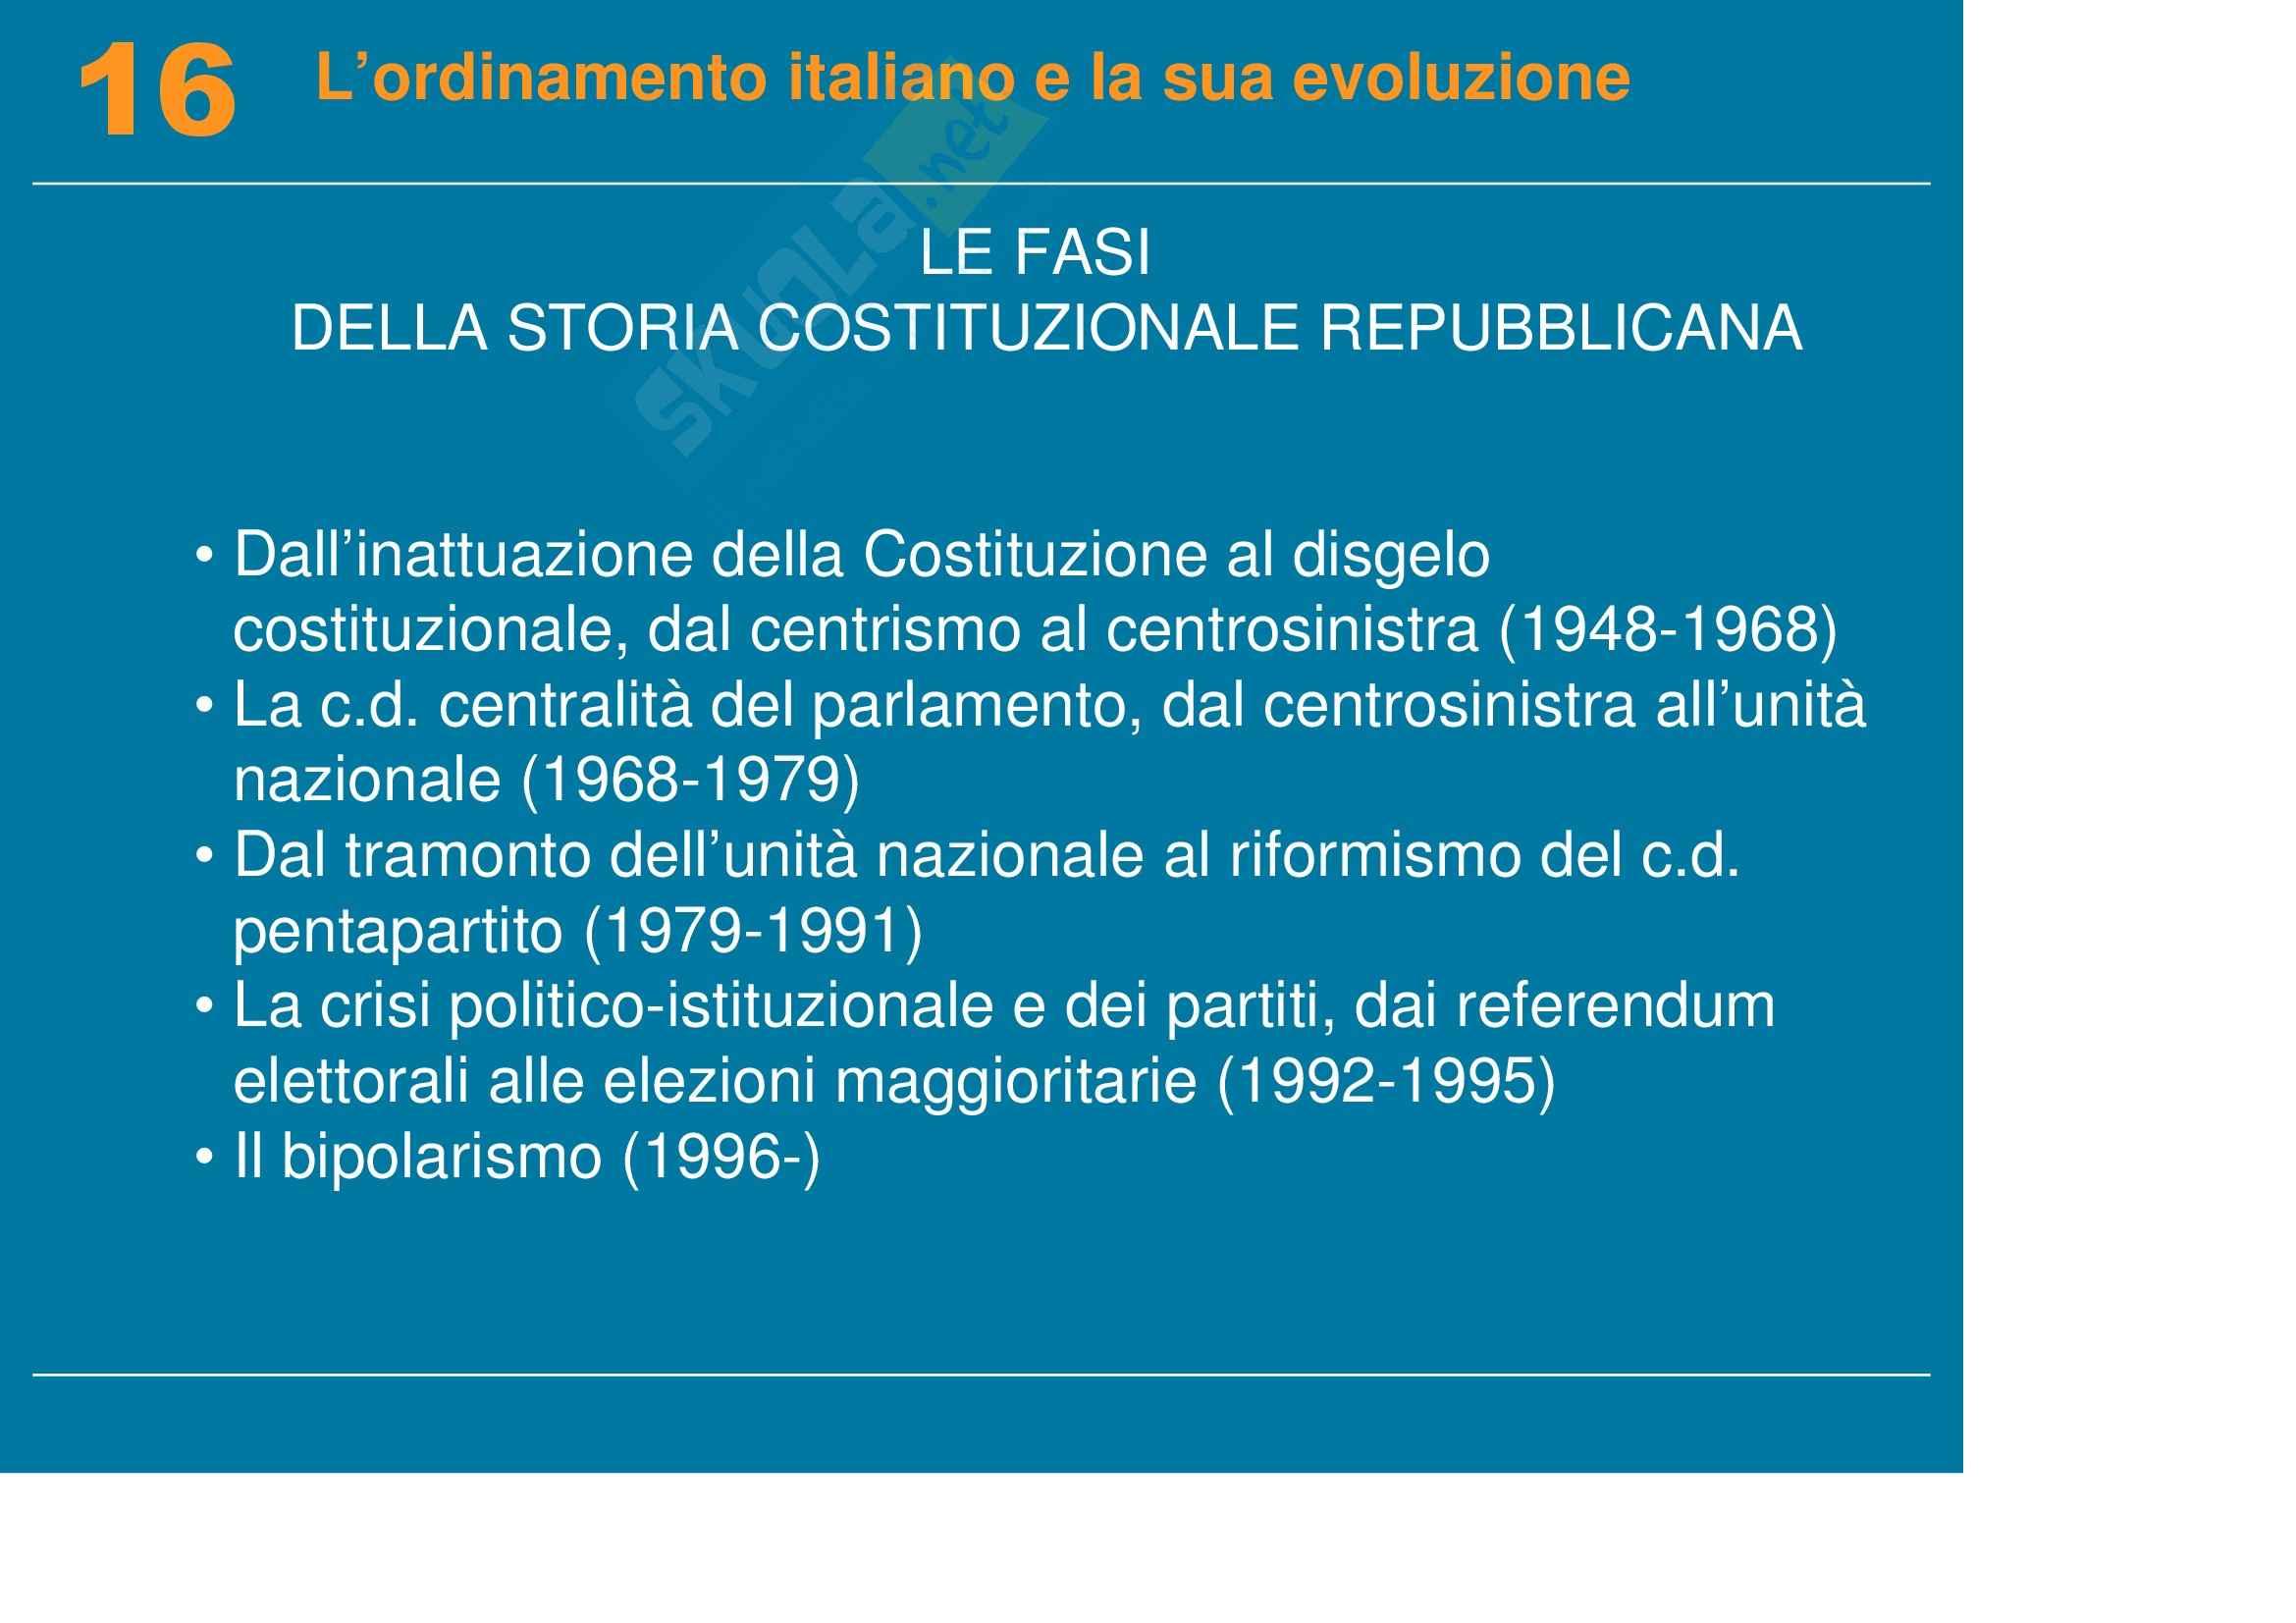 Diritto pubblico, dell'informazione e della comunicazioned - l'ordinamento italiano e la sua evoluzione Pag. 21